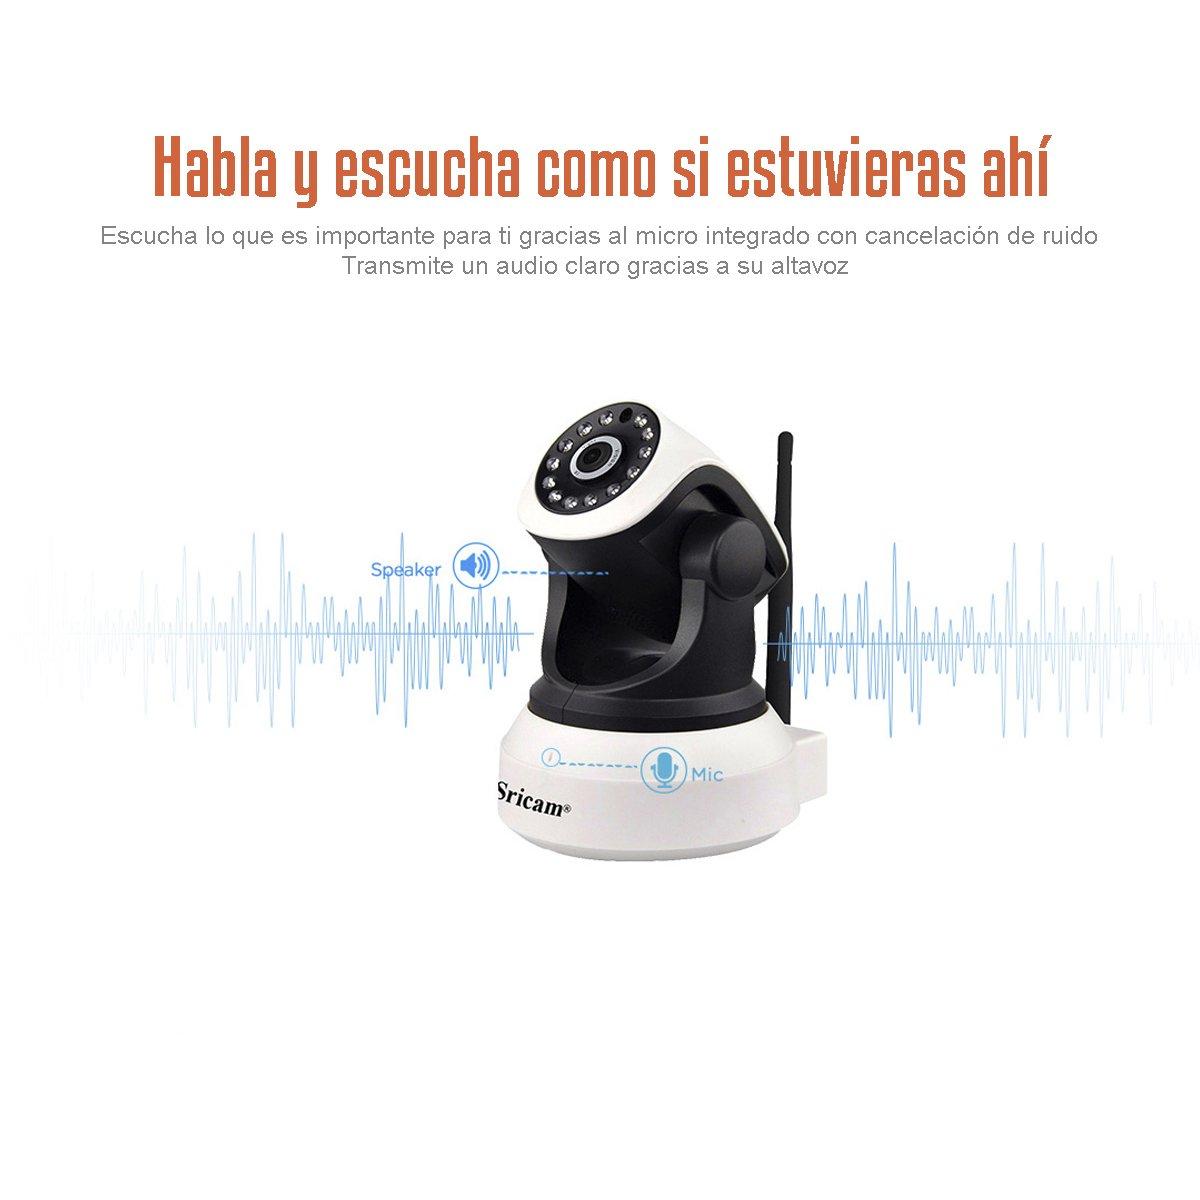 EZTECH-Camara IP WiFi de fácil instalación. Camara seguridad interior con altavoz y micrófono integrado, visión nocturna y detección de movimiento.